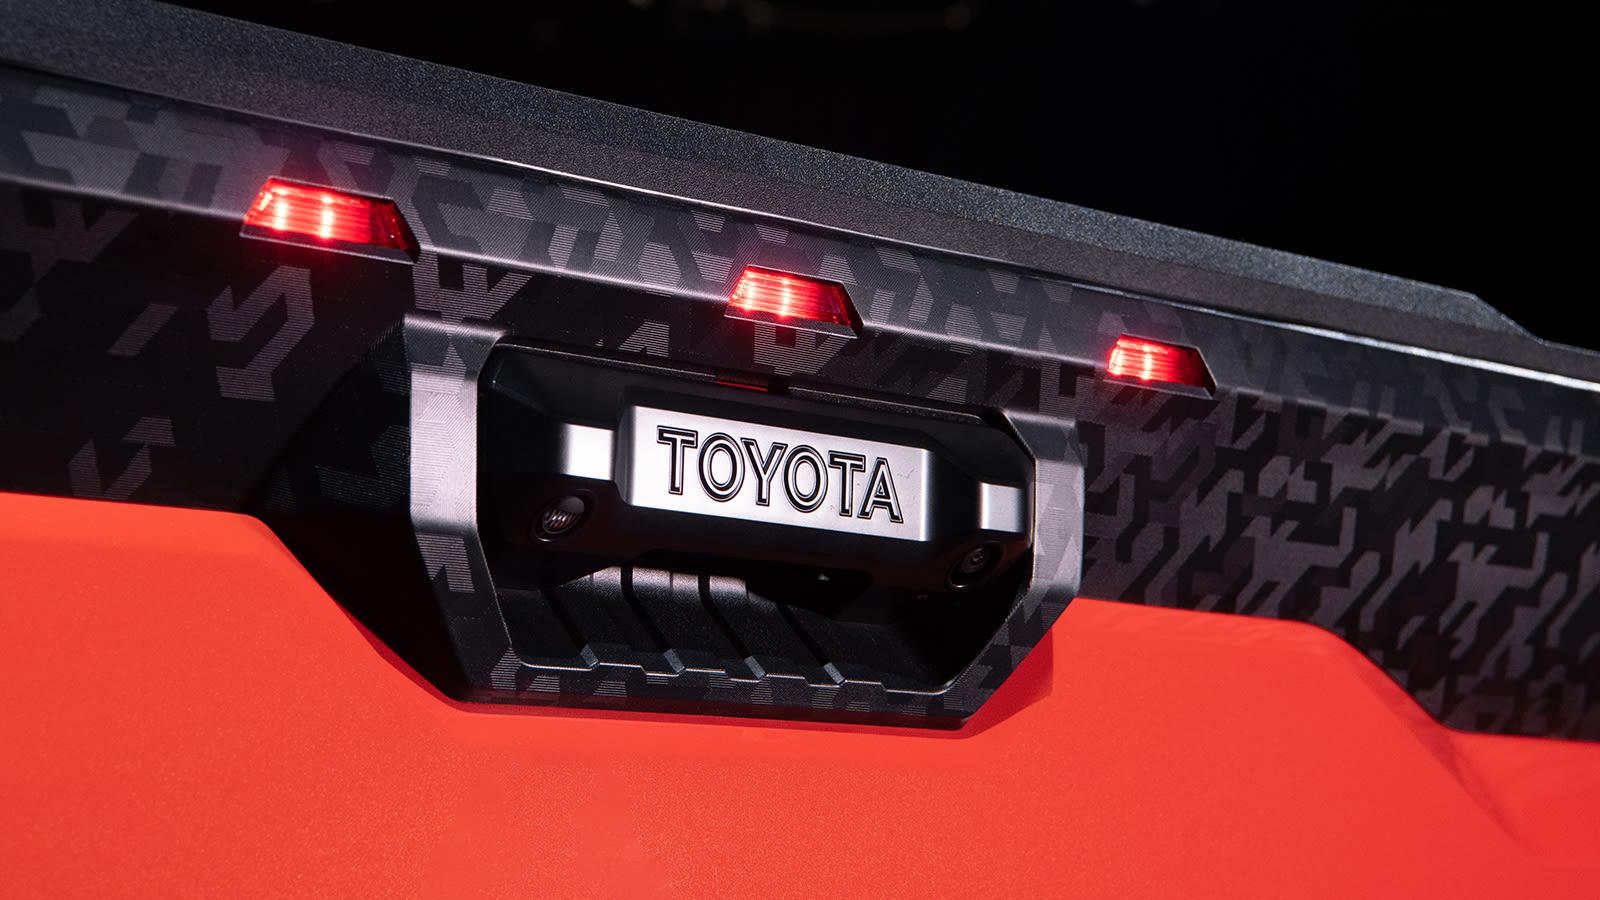 2022 Toyota Tundra: Was halten Sie von dem einzigartigen Design des TRD Pro?